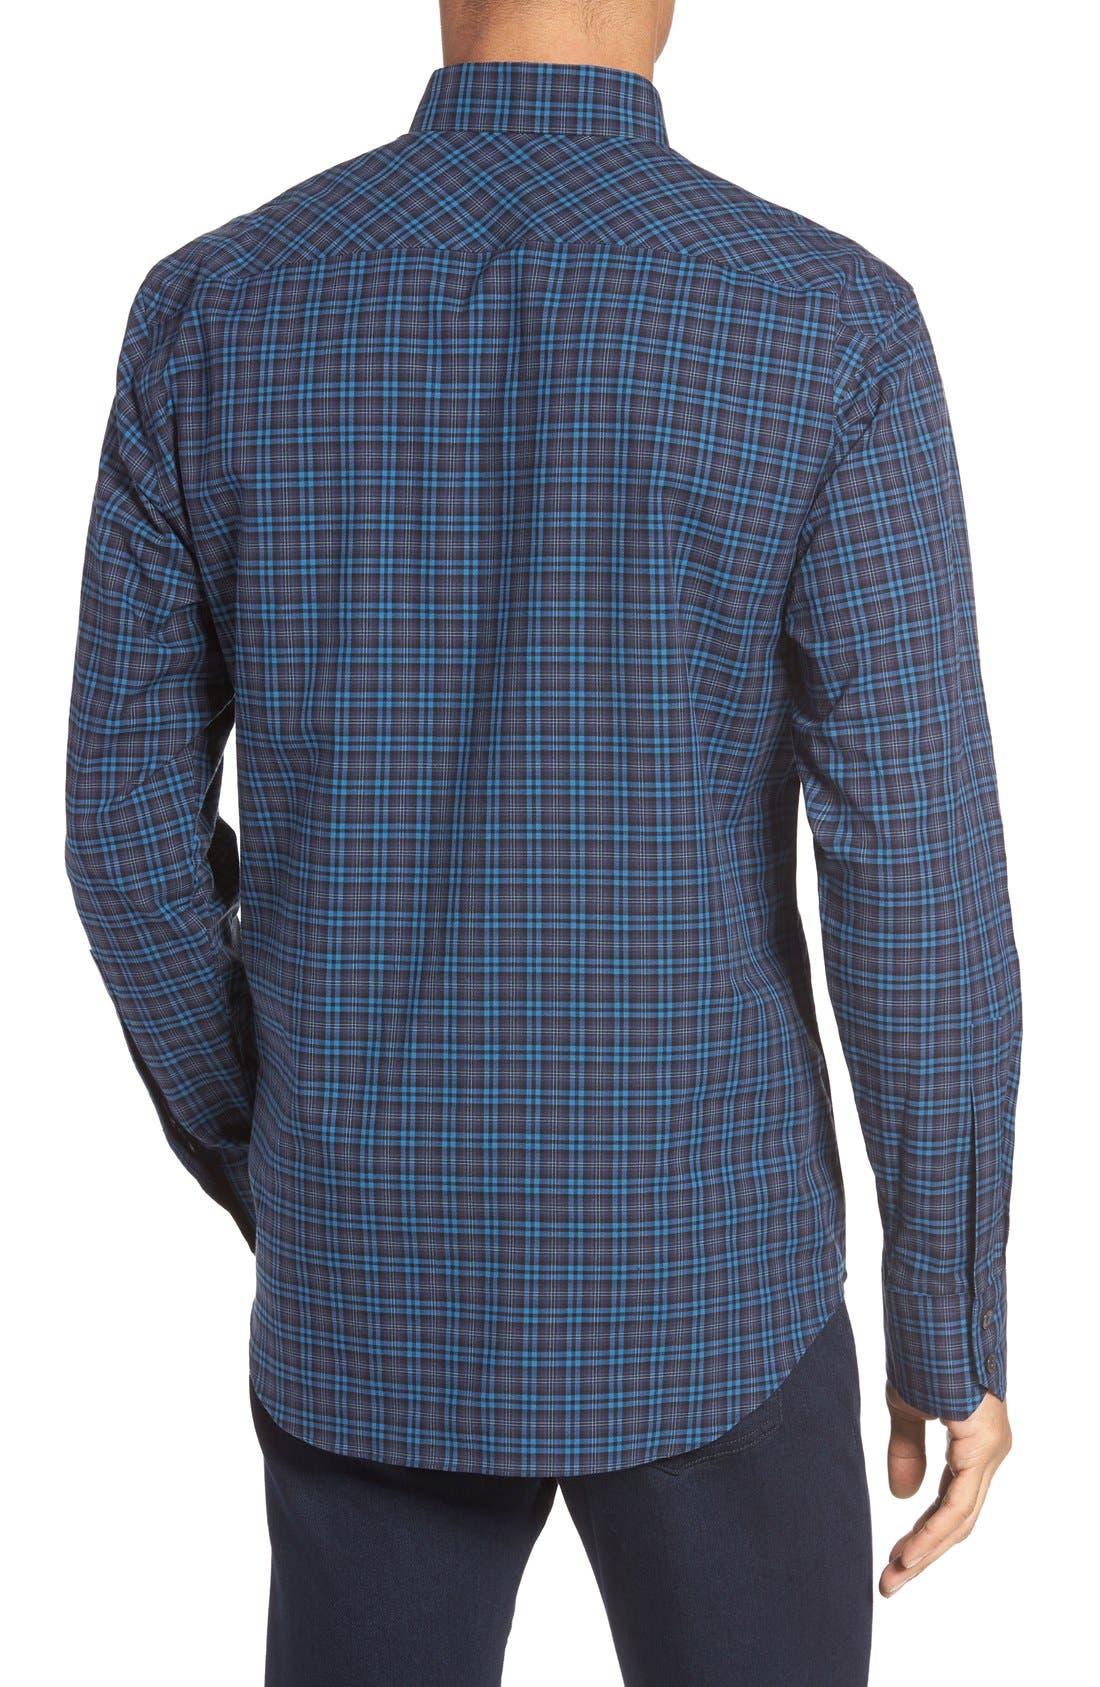 Adler Trim Fit Plaid Sport Shirt,                             Alternate thumbnail 2, color,                             Blue